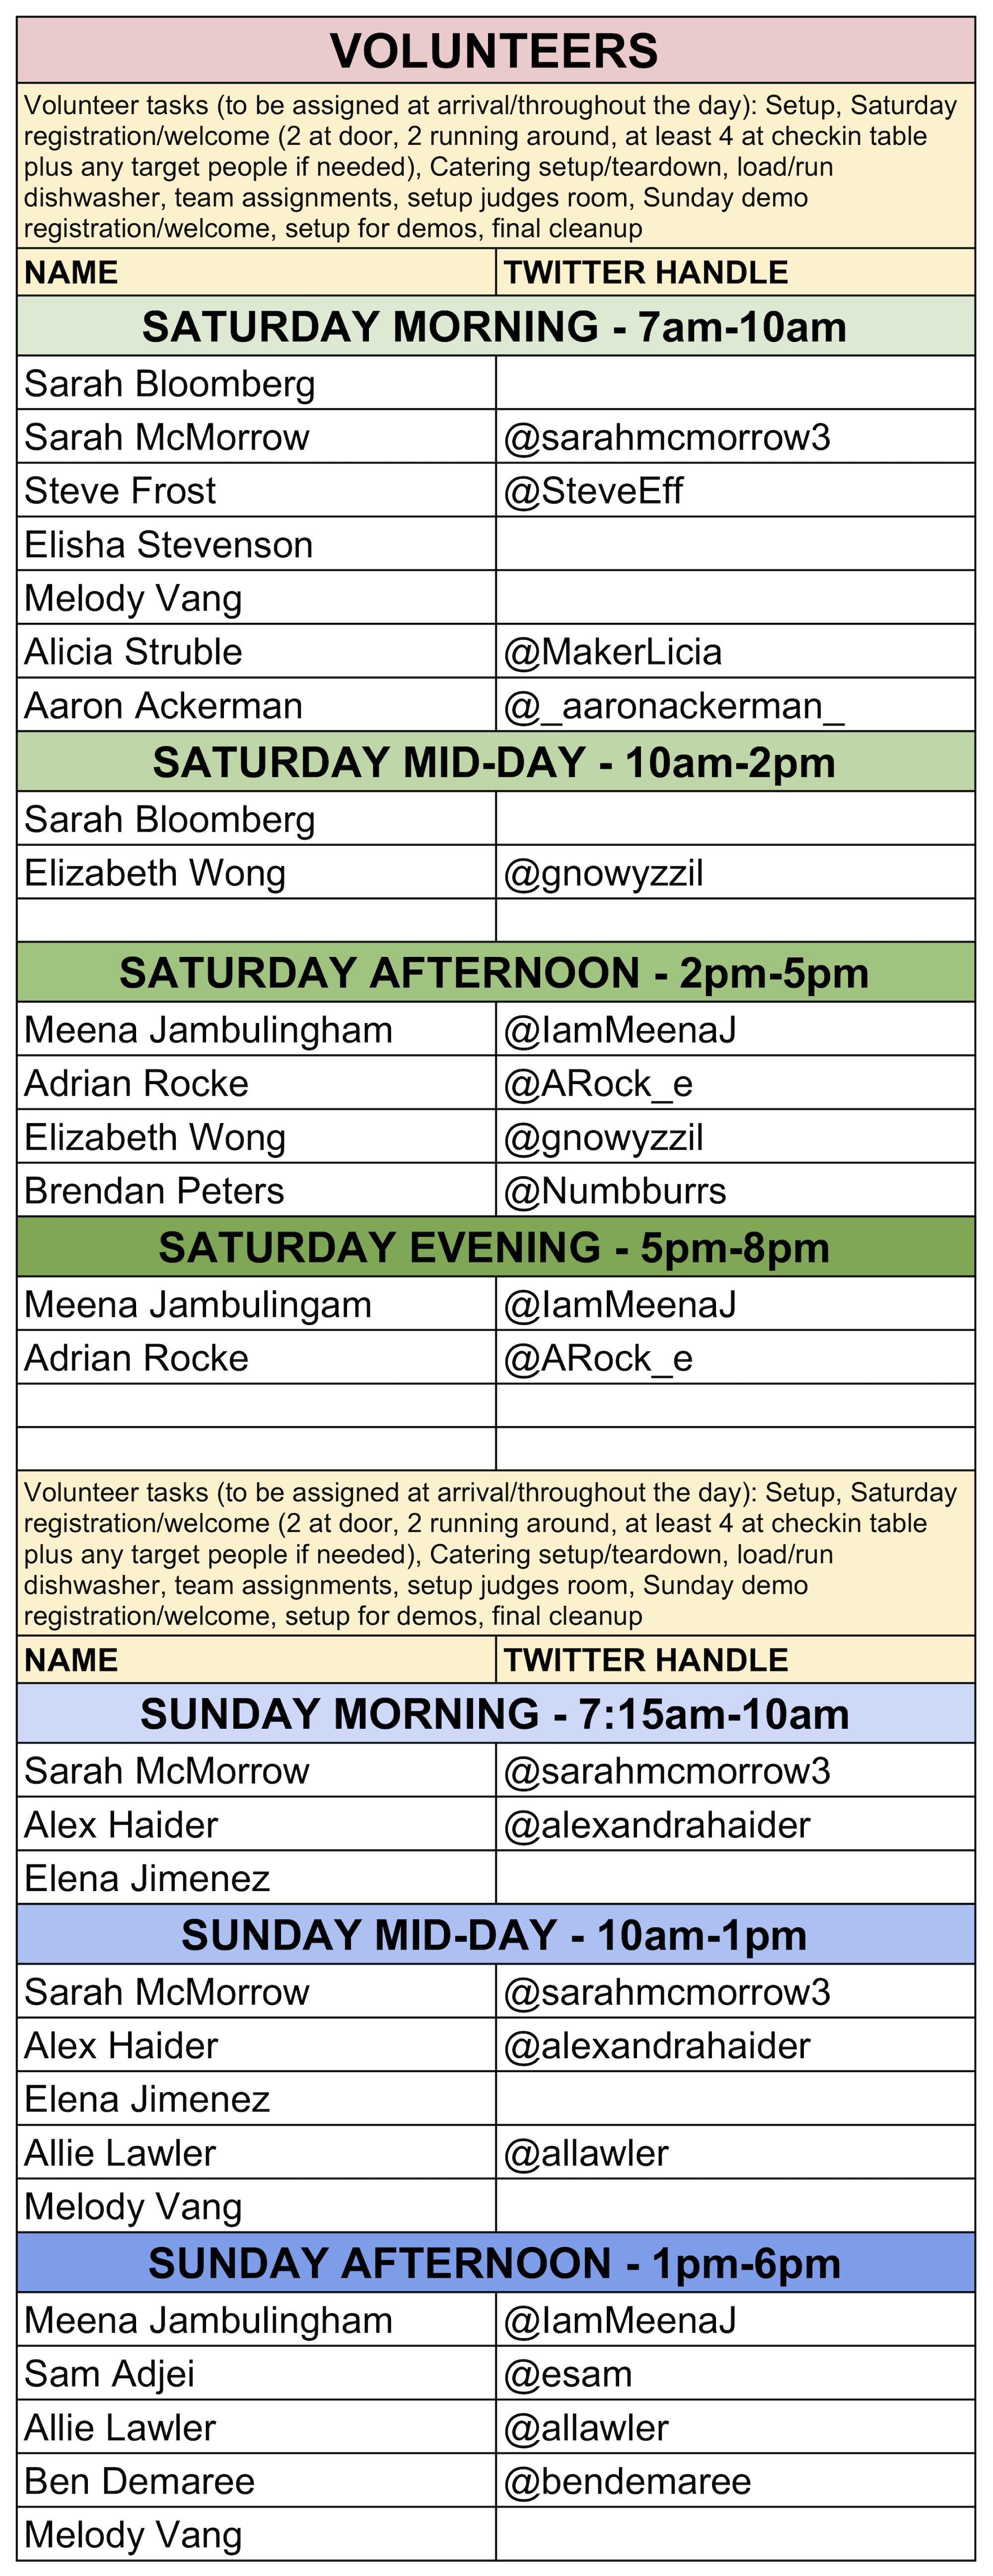 2019 Volunteer Schedule.png